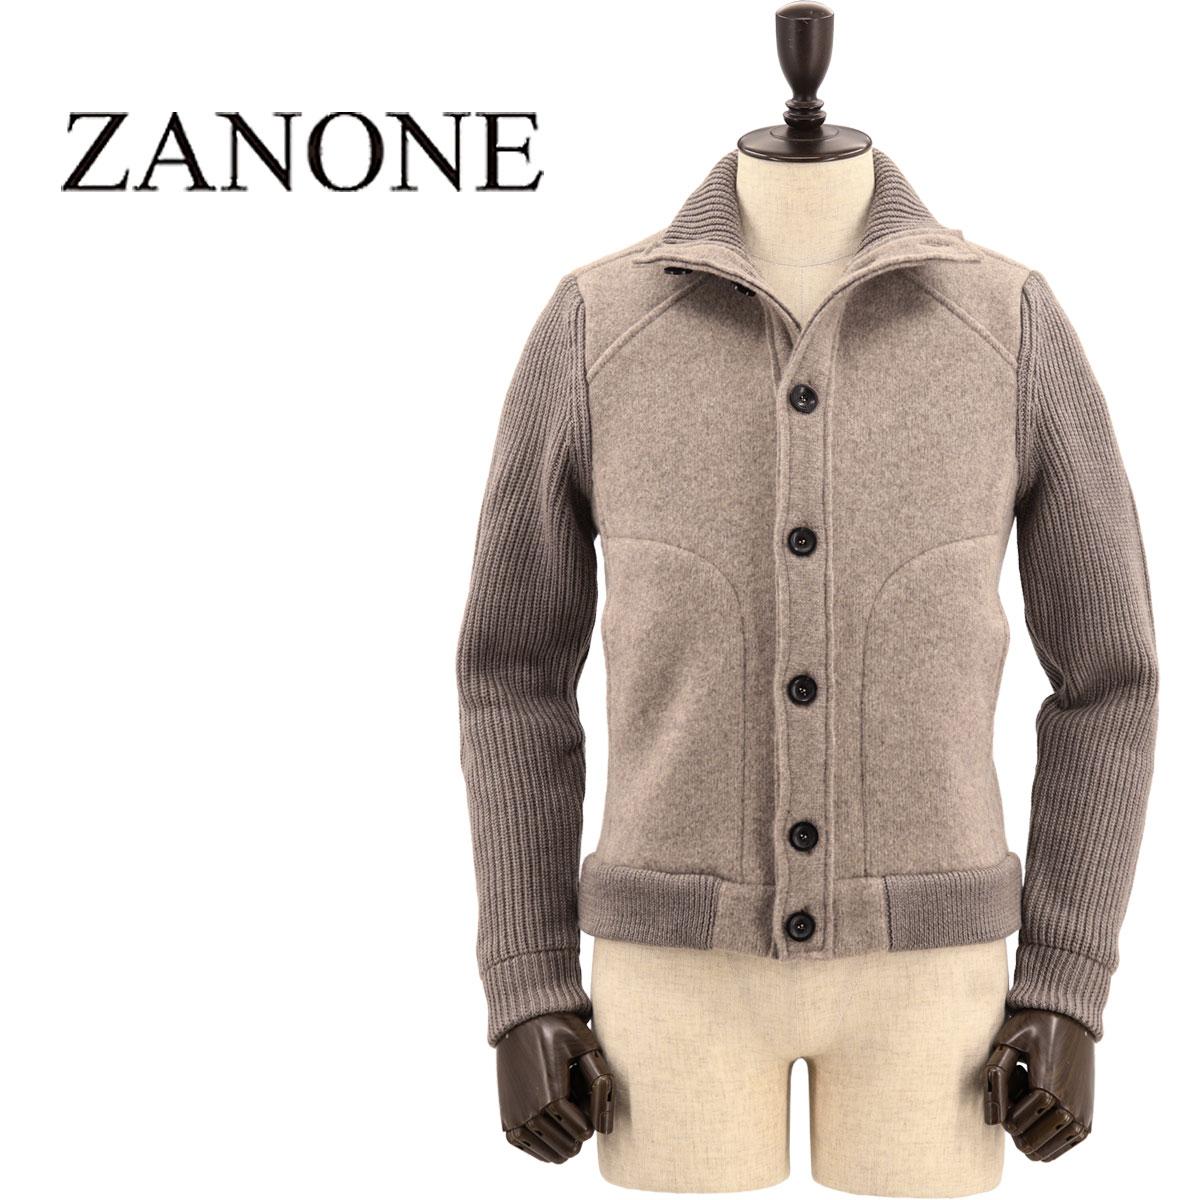 【クリアランスセール 半額以下】ザノーネ ZANONE メンズ ヴァージンウール ニットブルゾン 812142 ZJ284 Z5245(ベージュ)【返品交換不可】